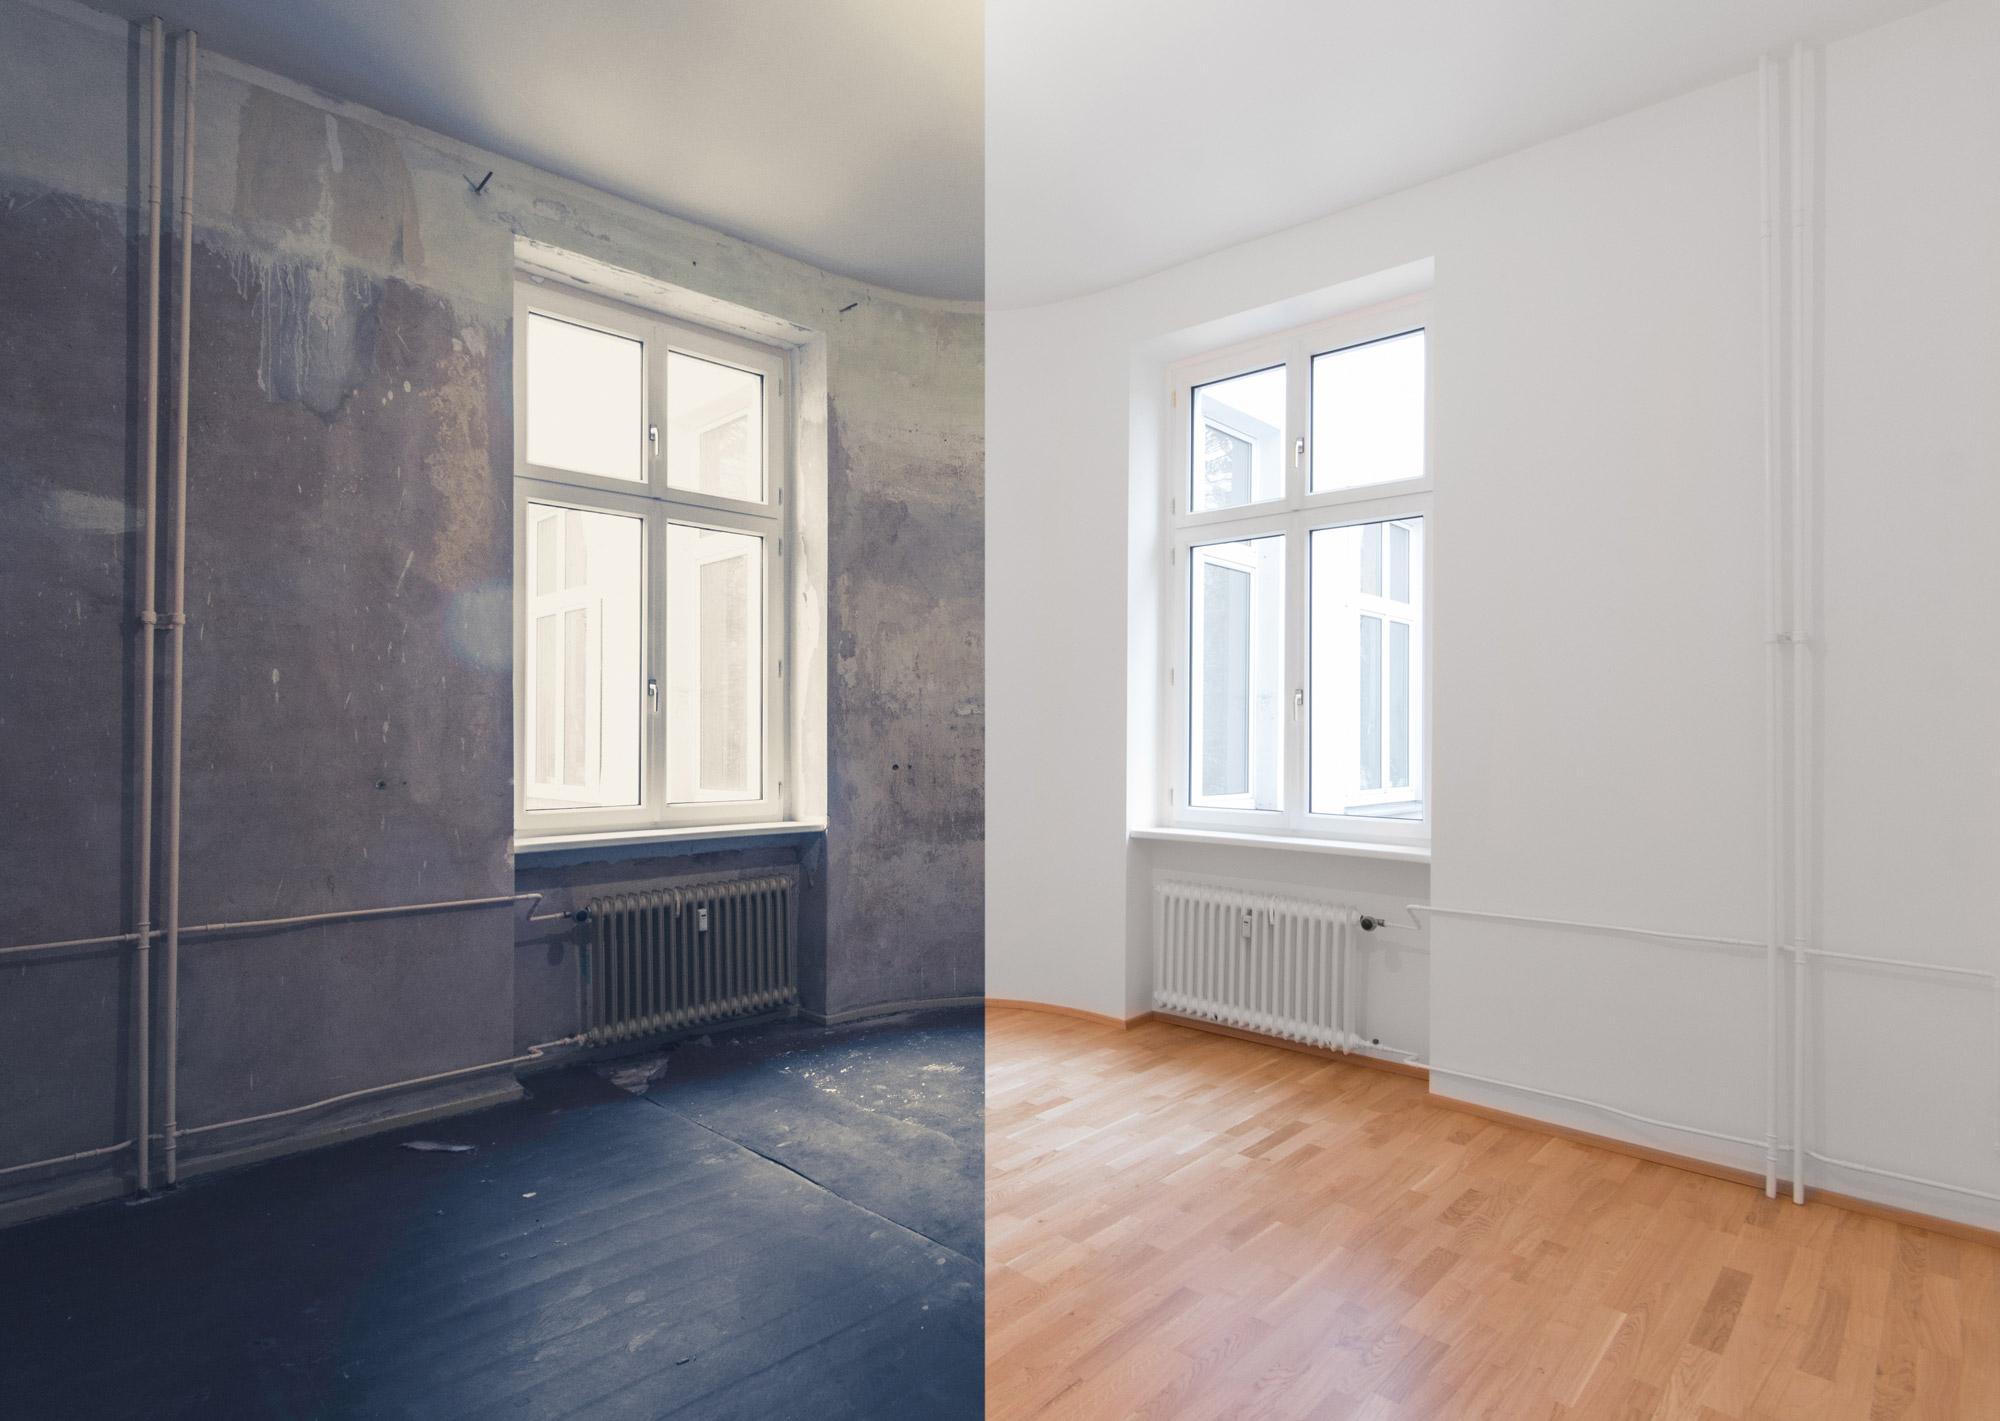 Renovation D Interieur Paris entreprise rénovation intérieure paris 11, paris | allure et